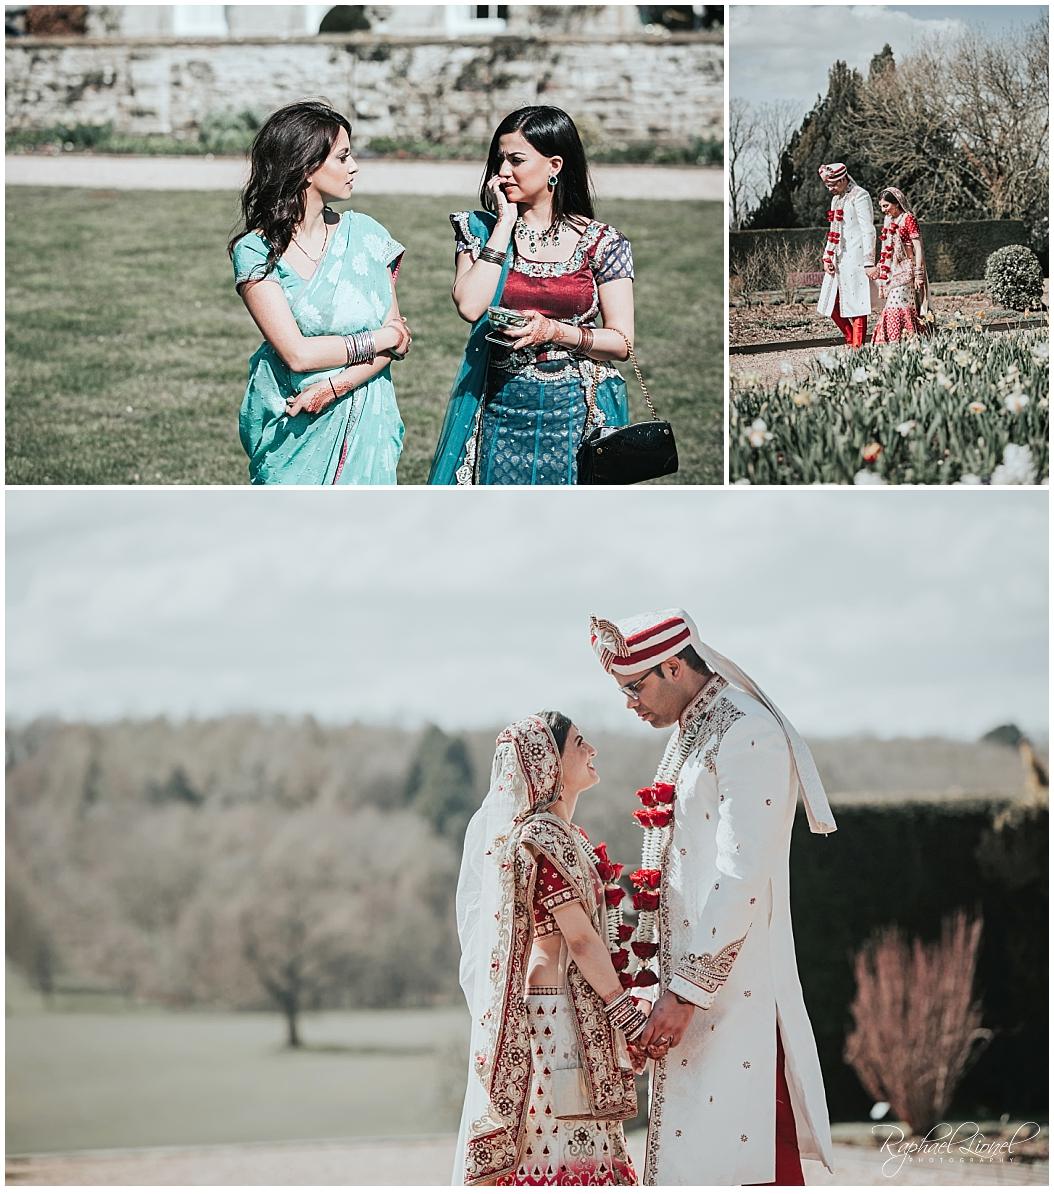 RagleyHallWedding38 - A Ragley Hall Indian Wedding | Sunny and Manisha